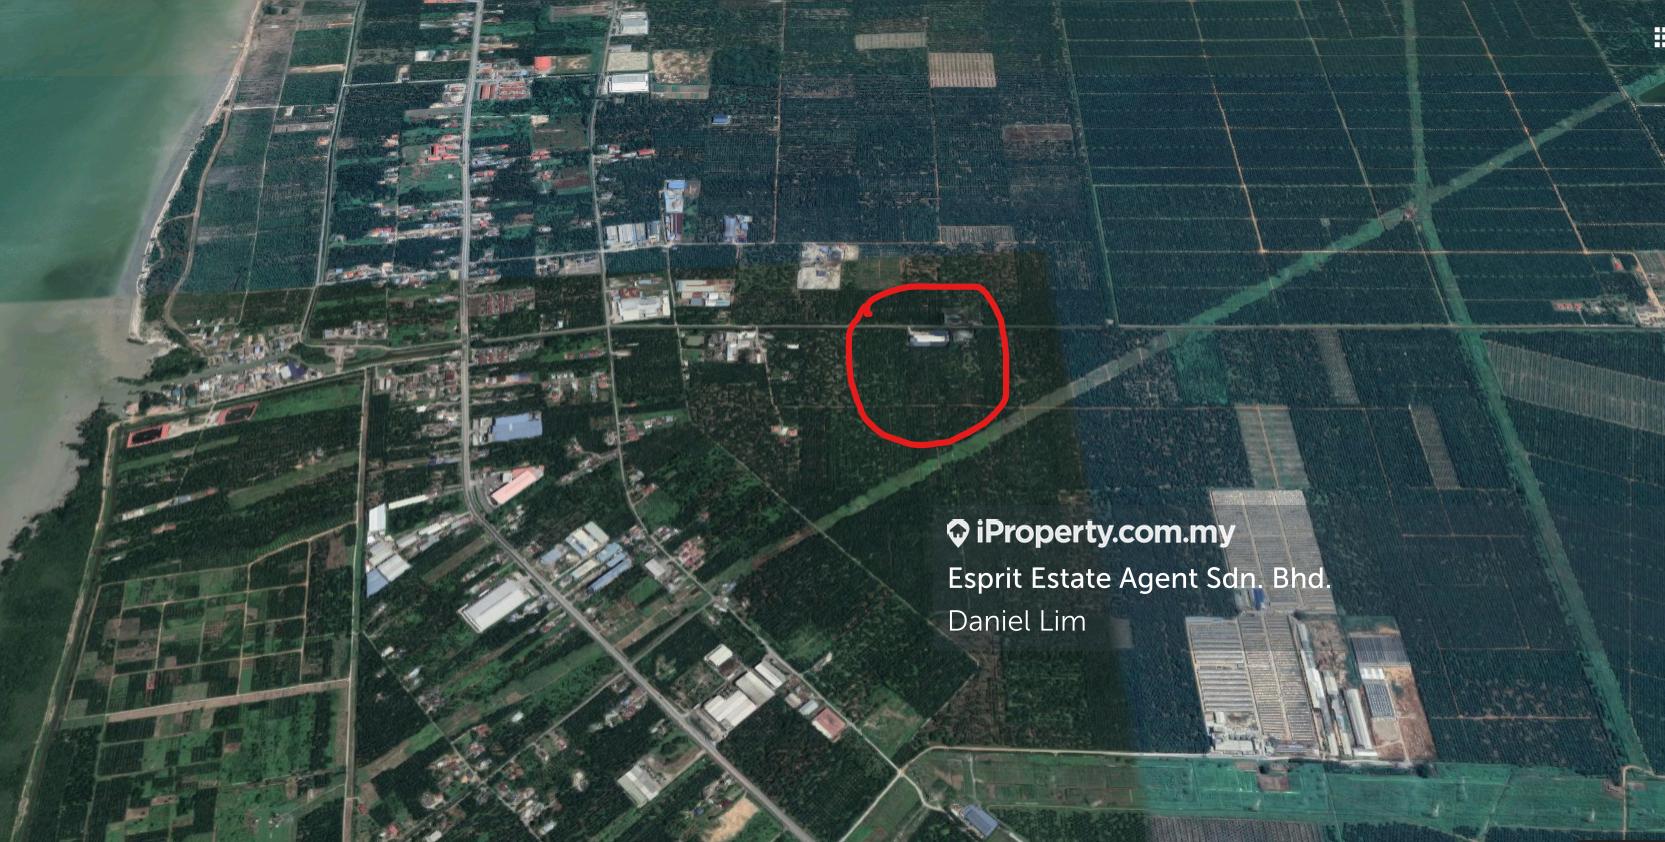 农业地 出售 7.056 acres AGRICULTURE LAND , Kapar, Kuala Selangor, Jeram